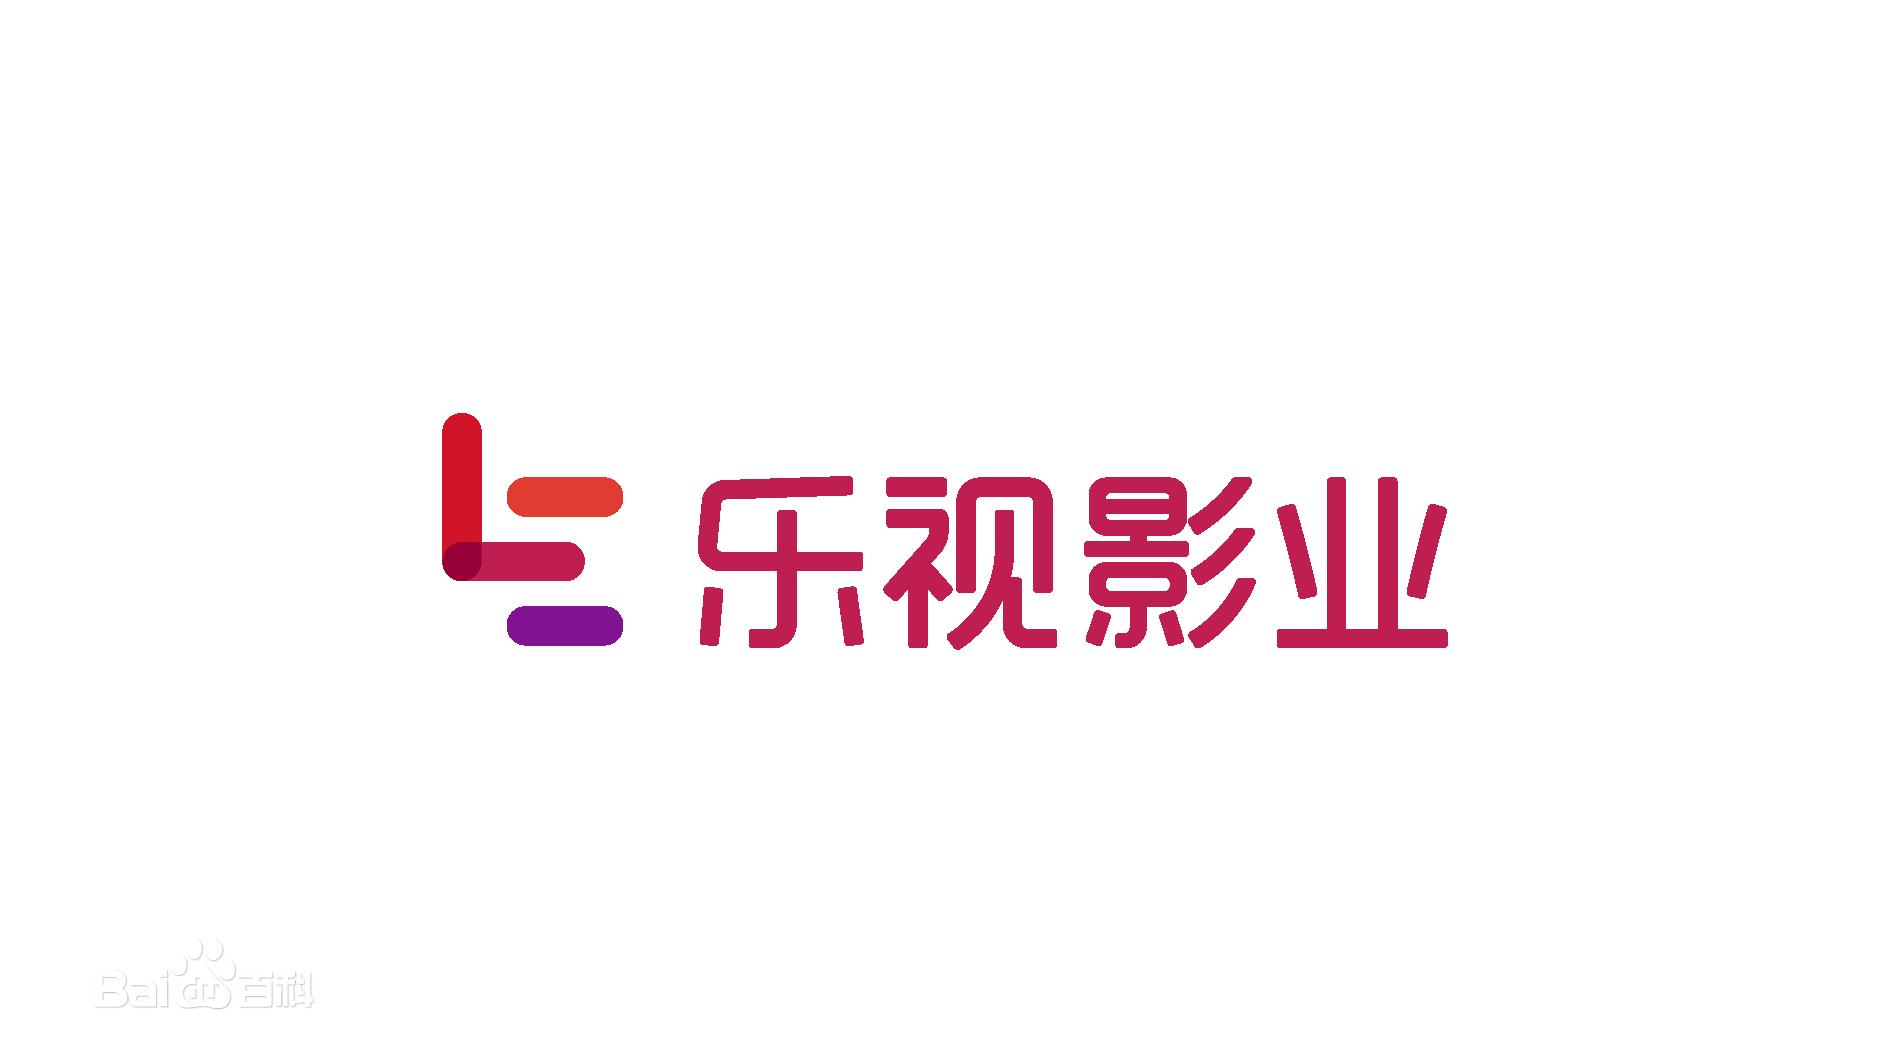 乐视影业(北京)有限公司